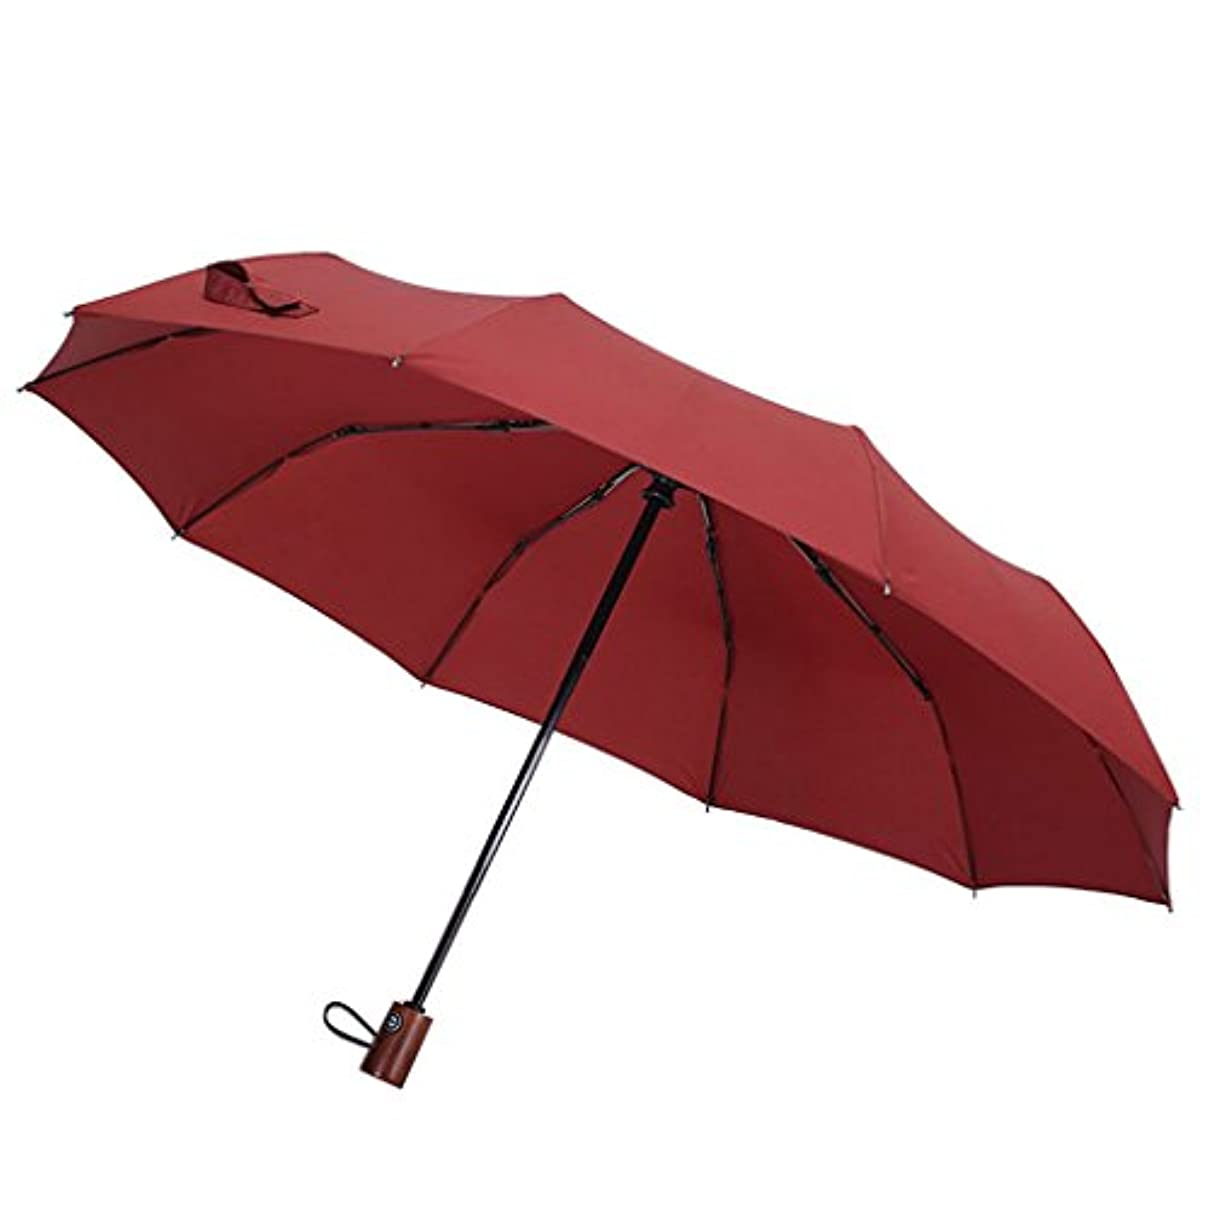 不安定ファンタジー映画速乾性旅行用パラソル、強化型防風フレーム、自動開閉、スリップ防止ハンドルで持ち運びが簡単 (色 : Red)